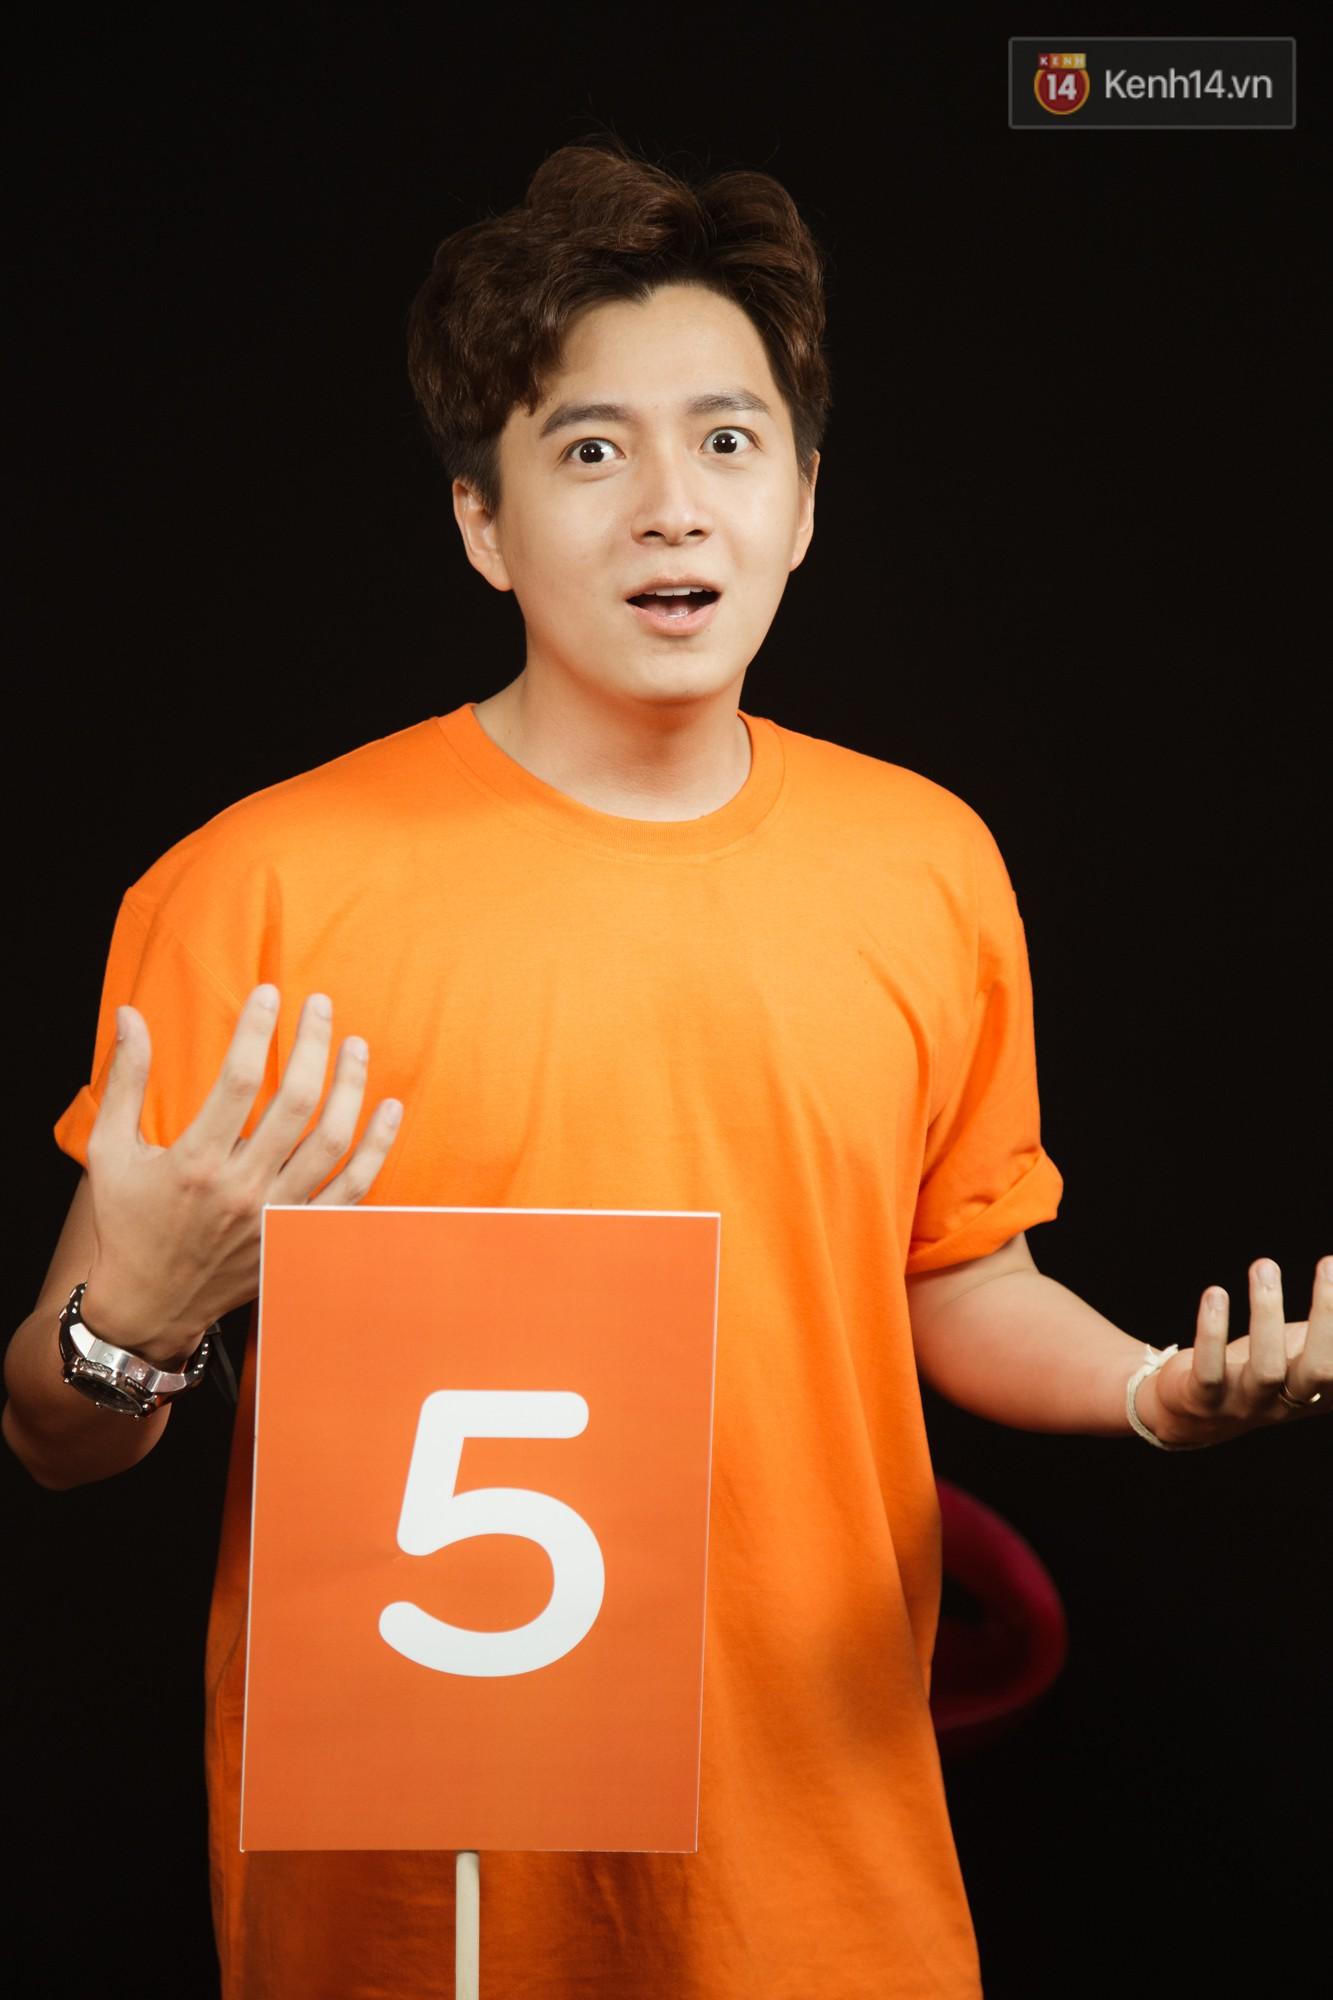 Ngô Kiến Huy bị bình chọn chơi dơ nhất Running Man Việt, Lan Ngọc phũ: Hèn gì mấy nay anh... thúi quá! - Ảnh 4.